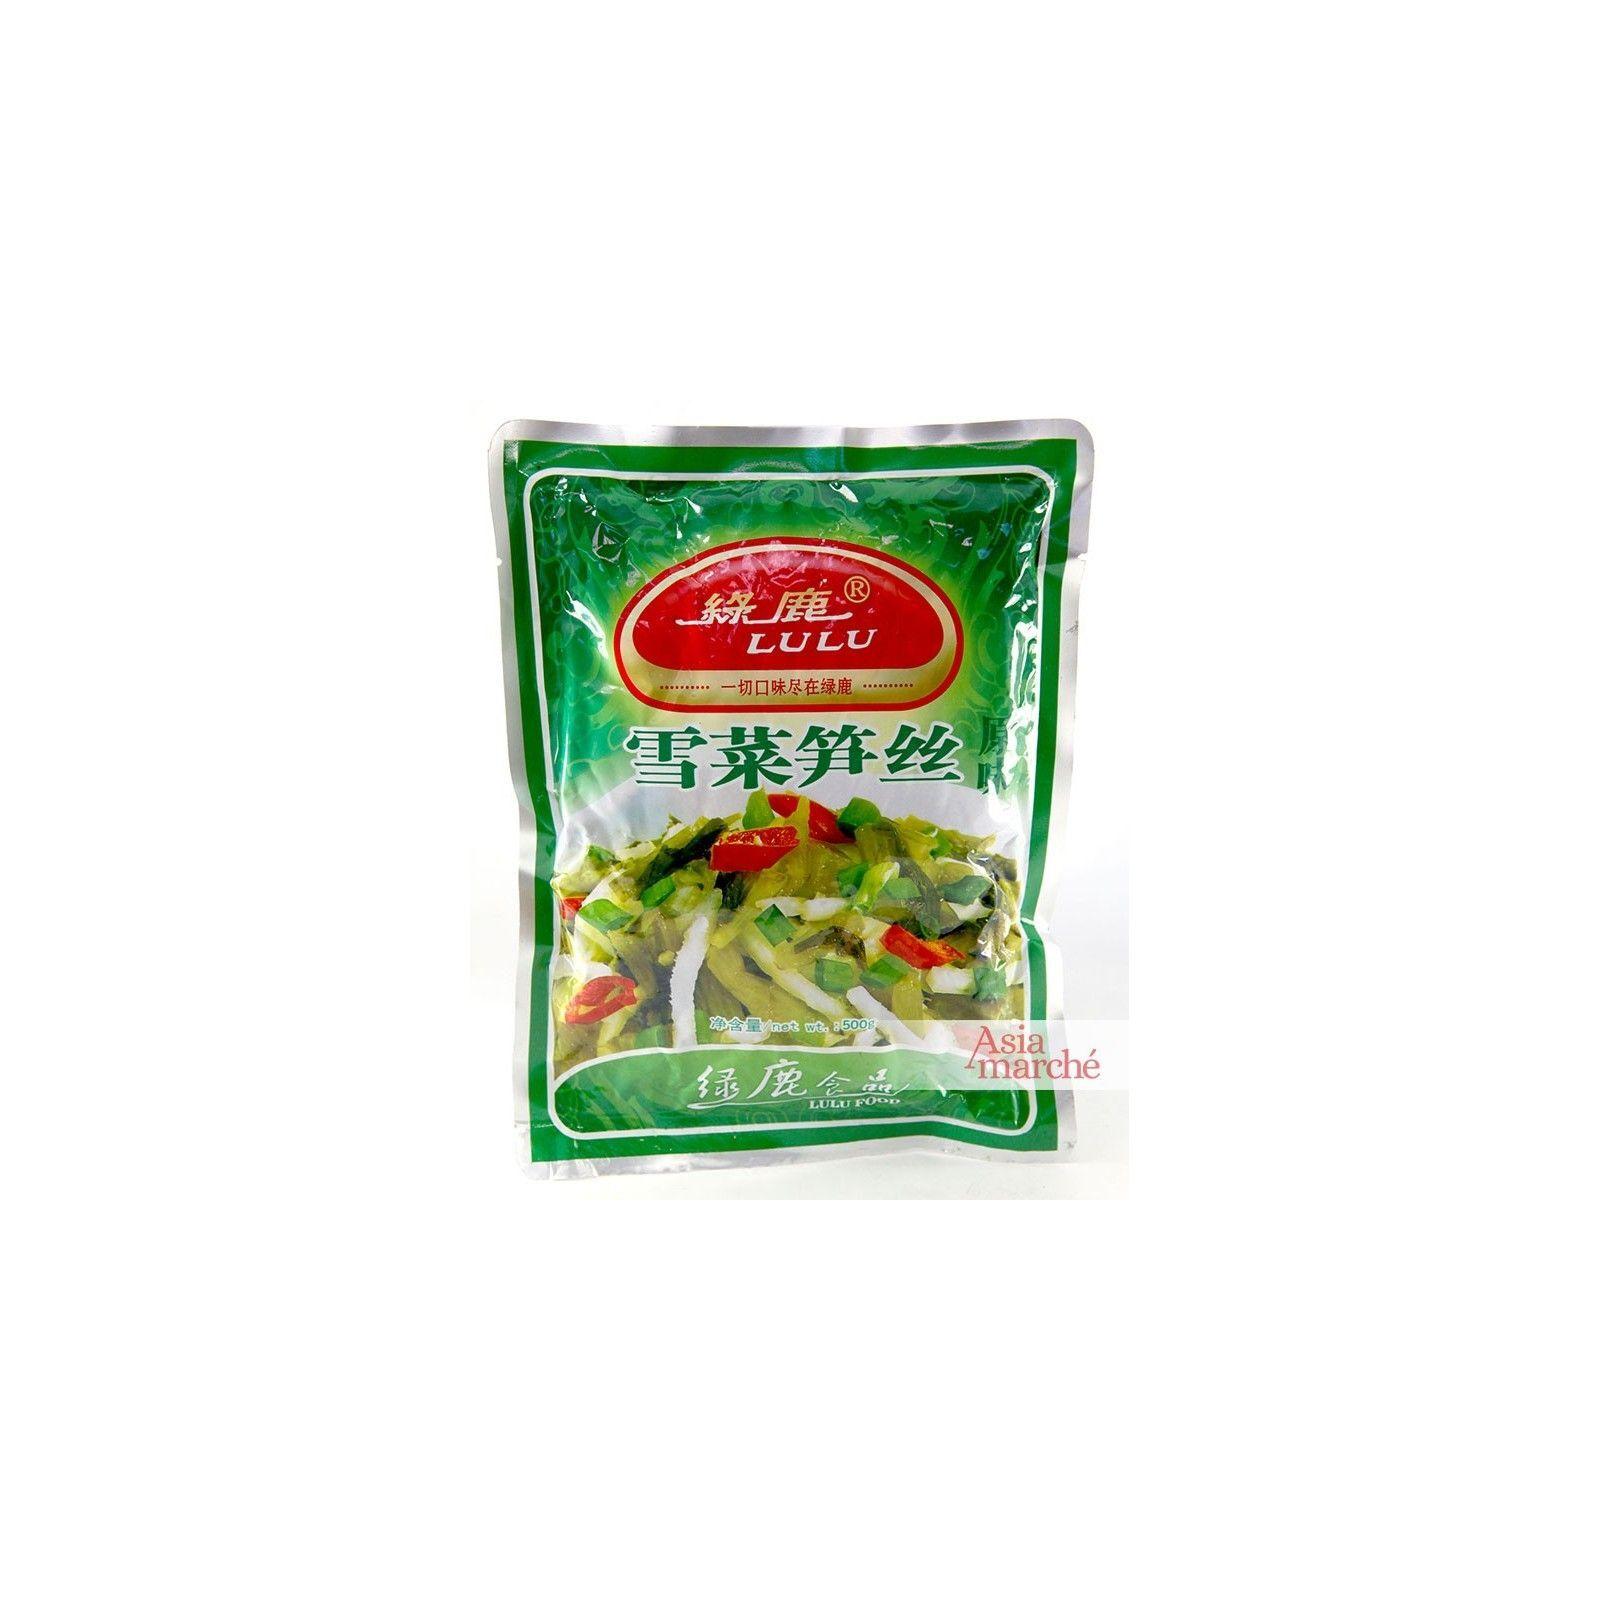 Asia Marché Laitue de bambou salés 500g Lulu